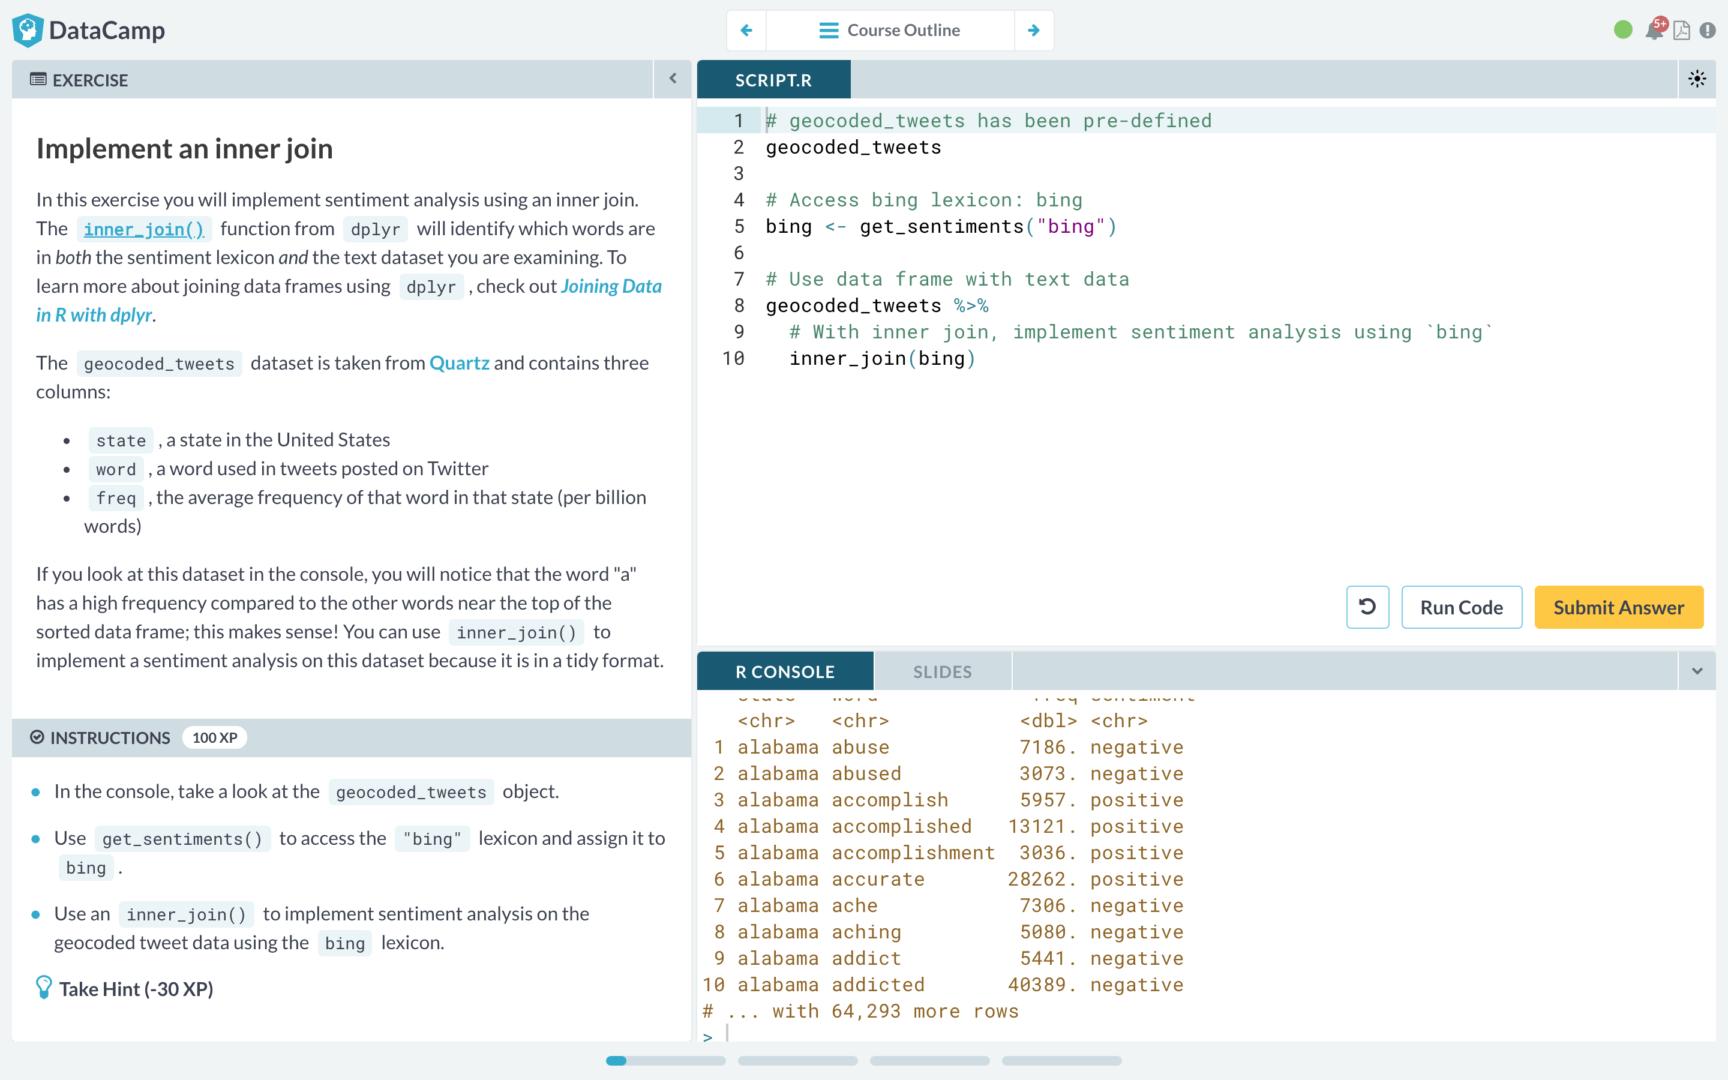 R SQL 教學 課程